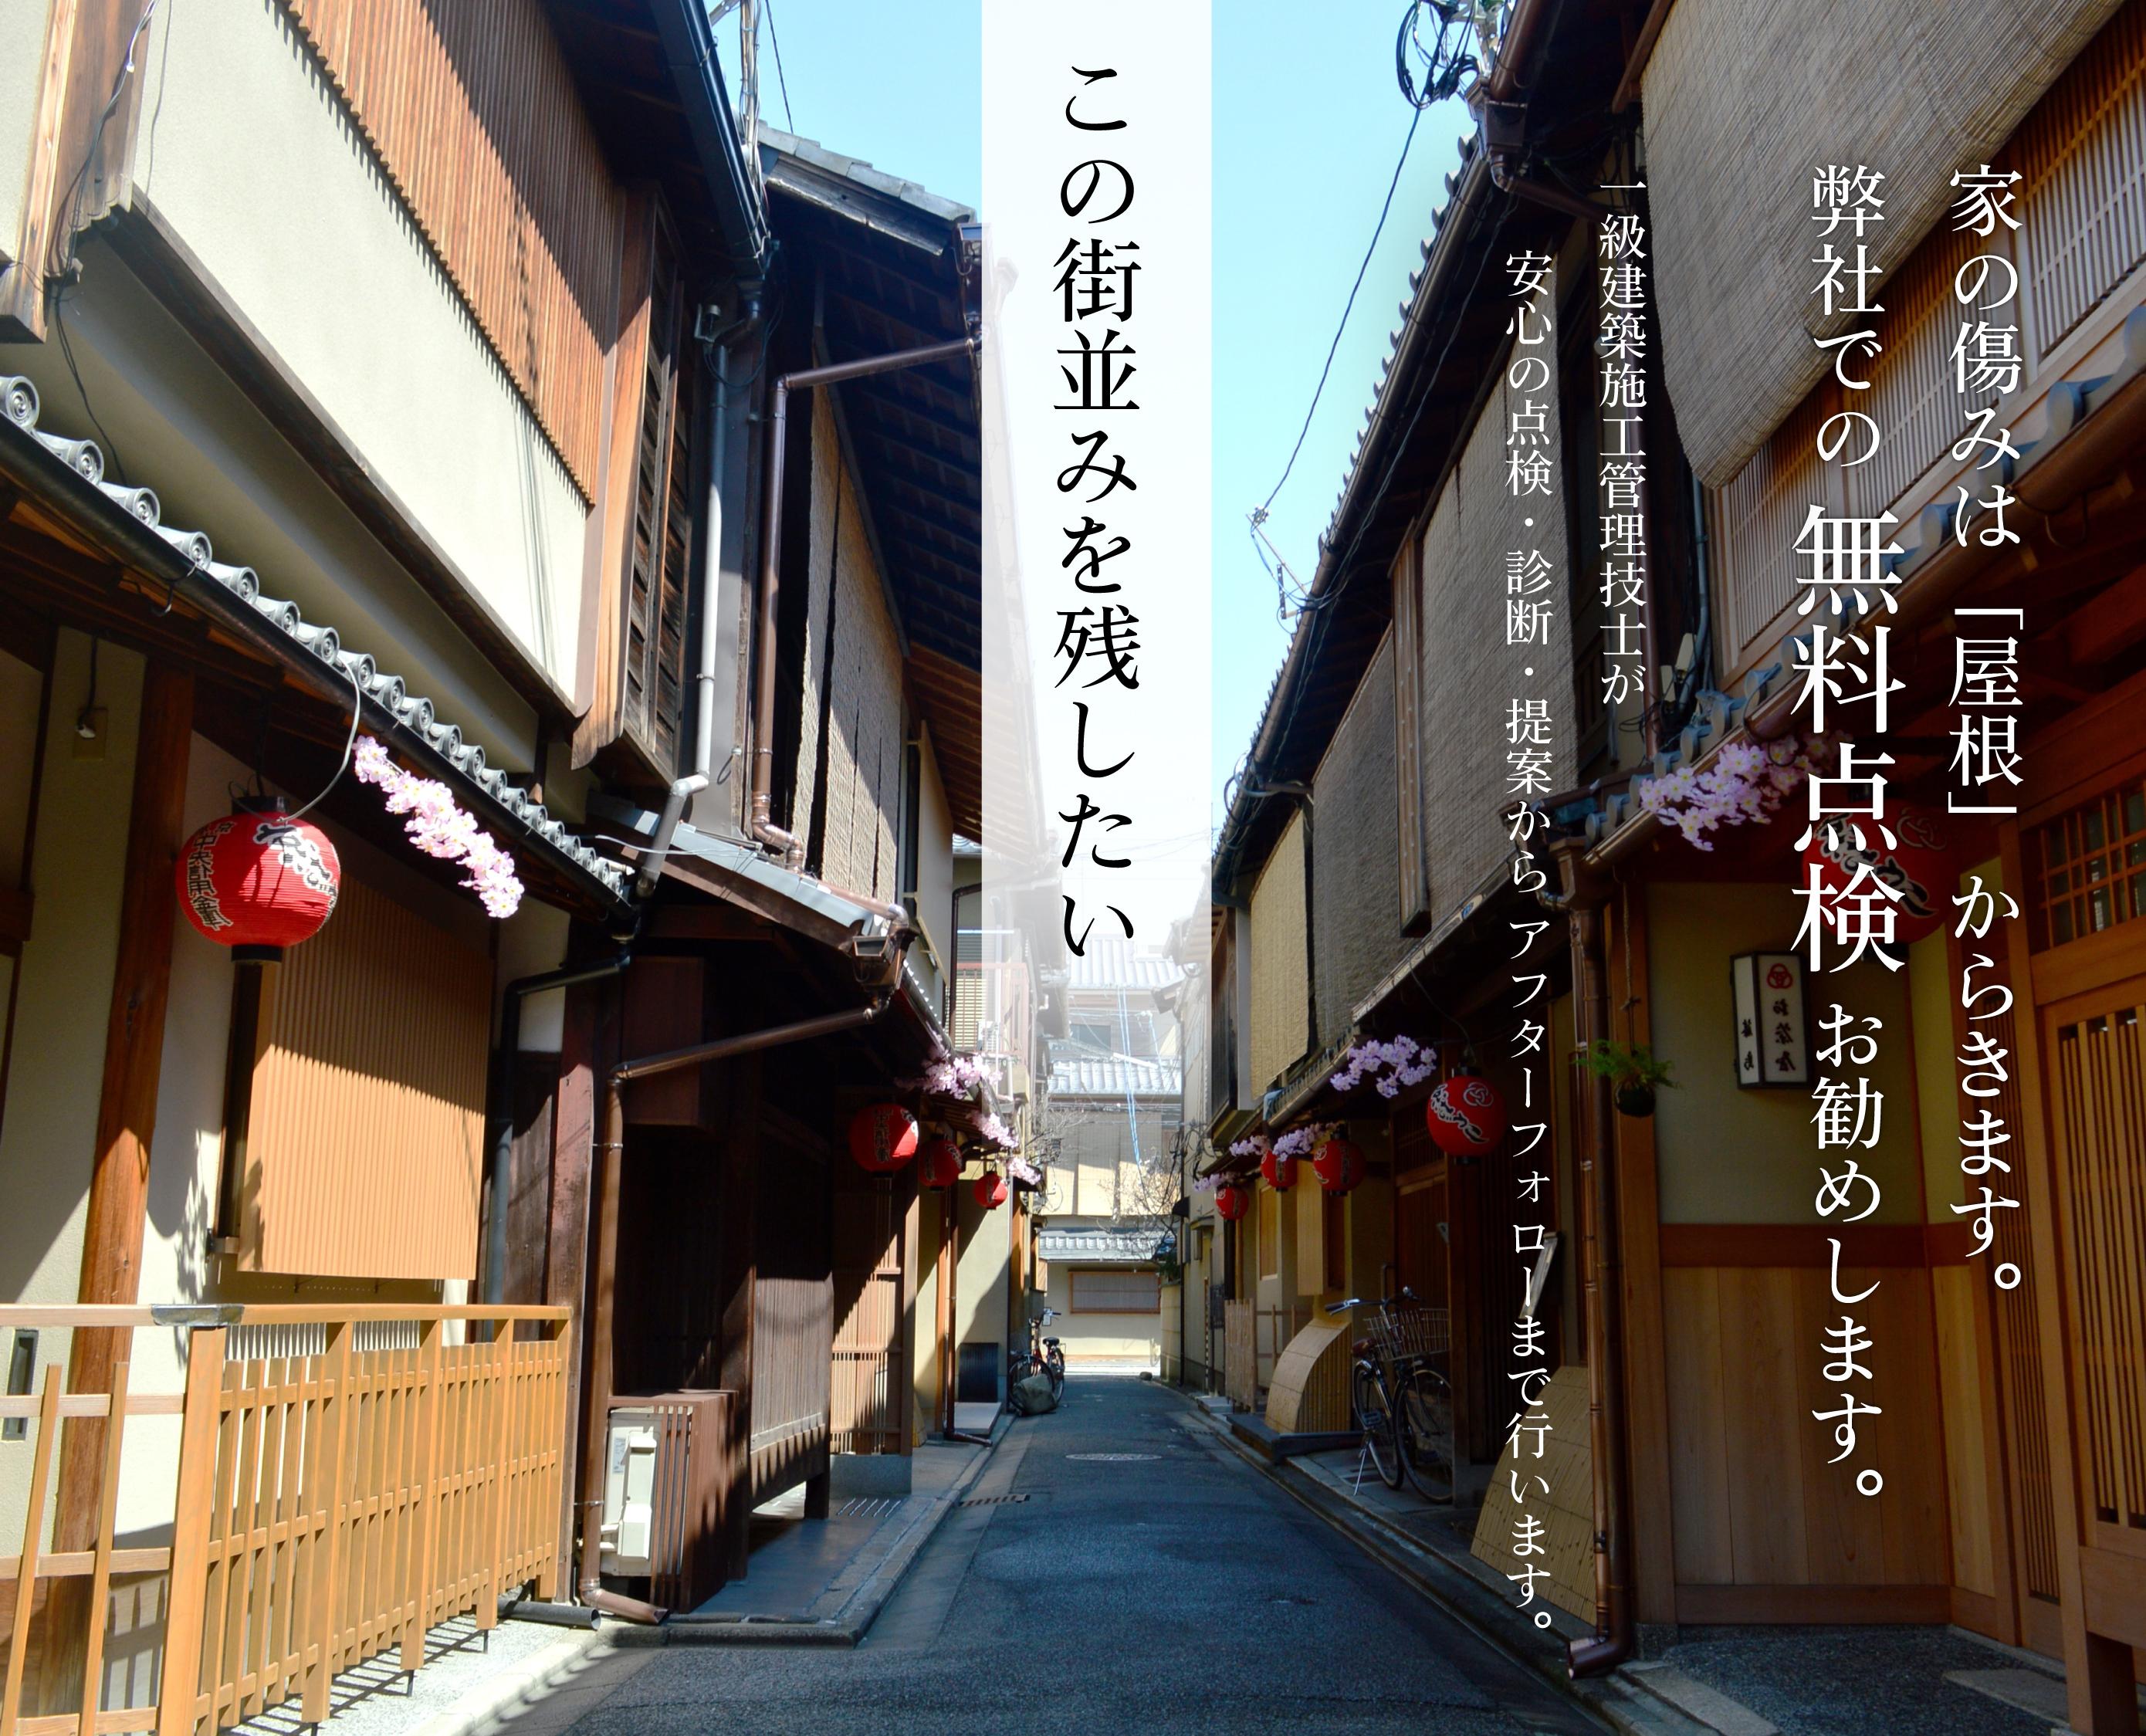 今、屋根の葺き替え工事をすると、30万円の補助金が交付されます!!